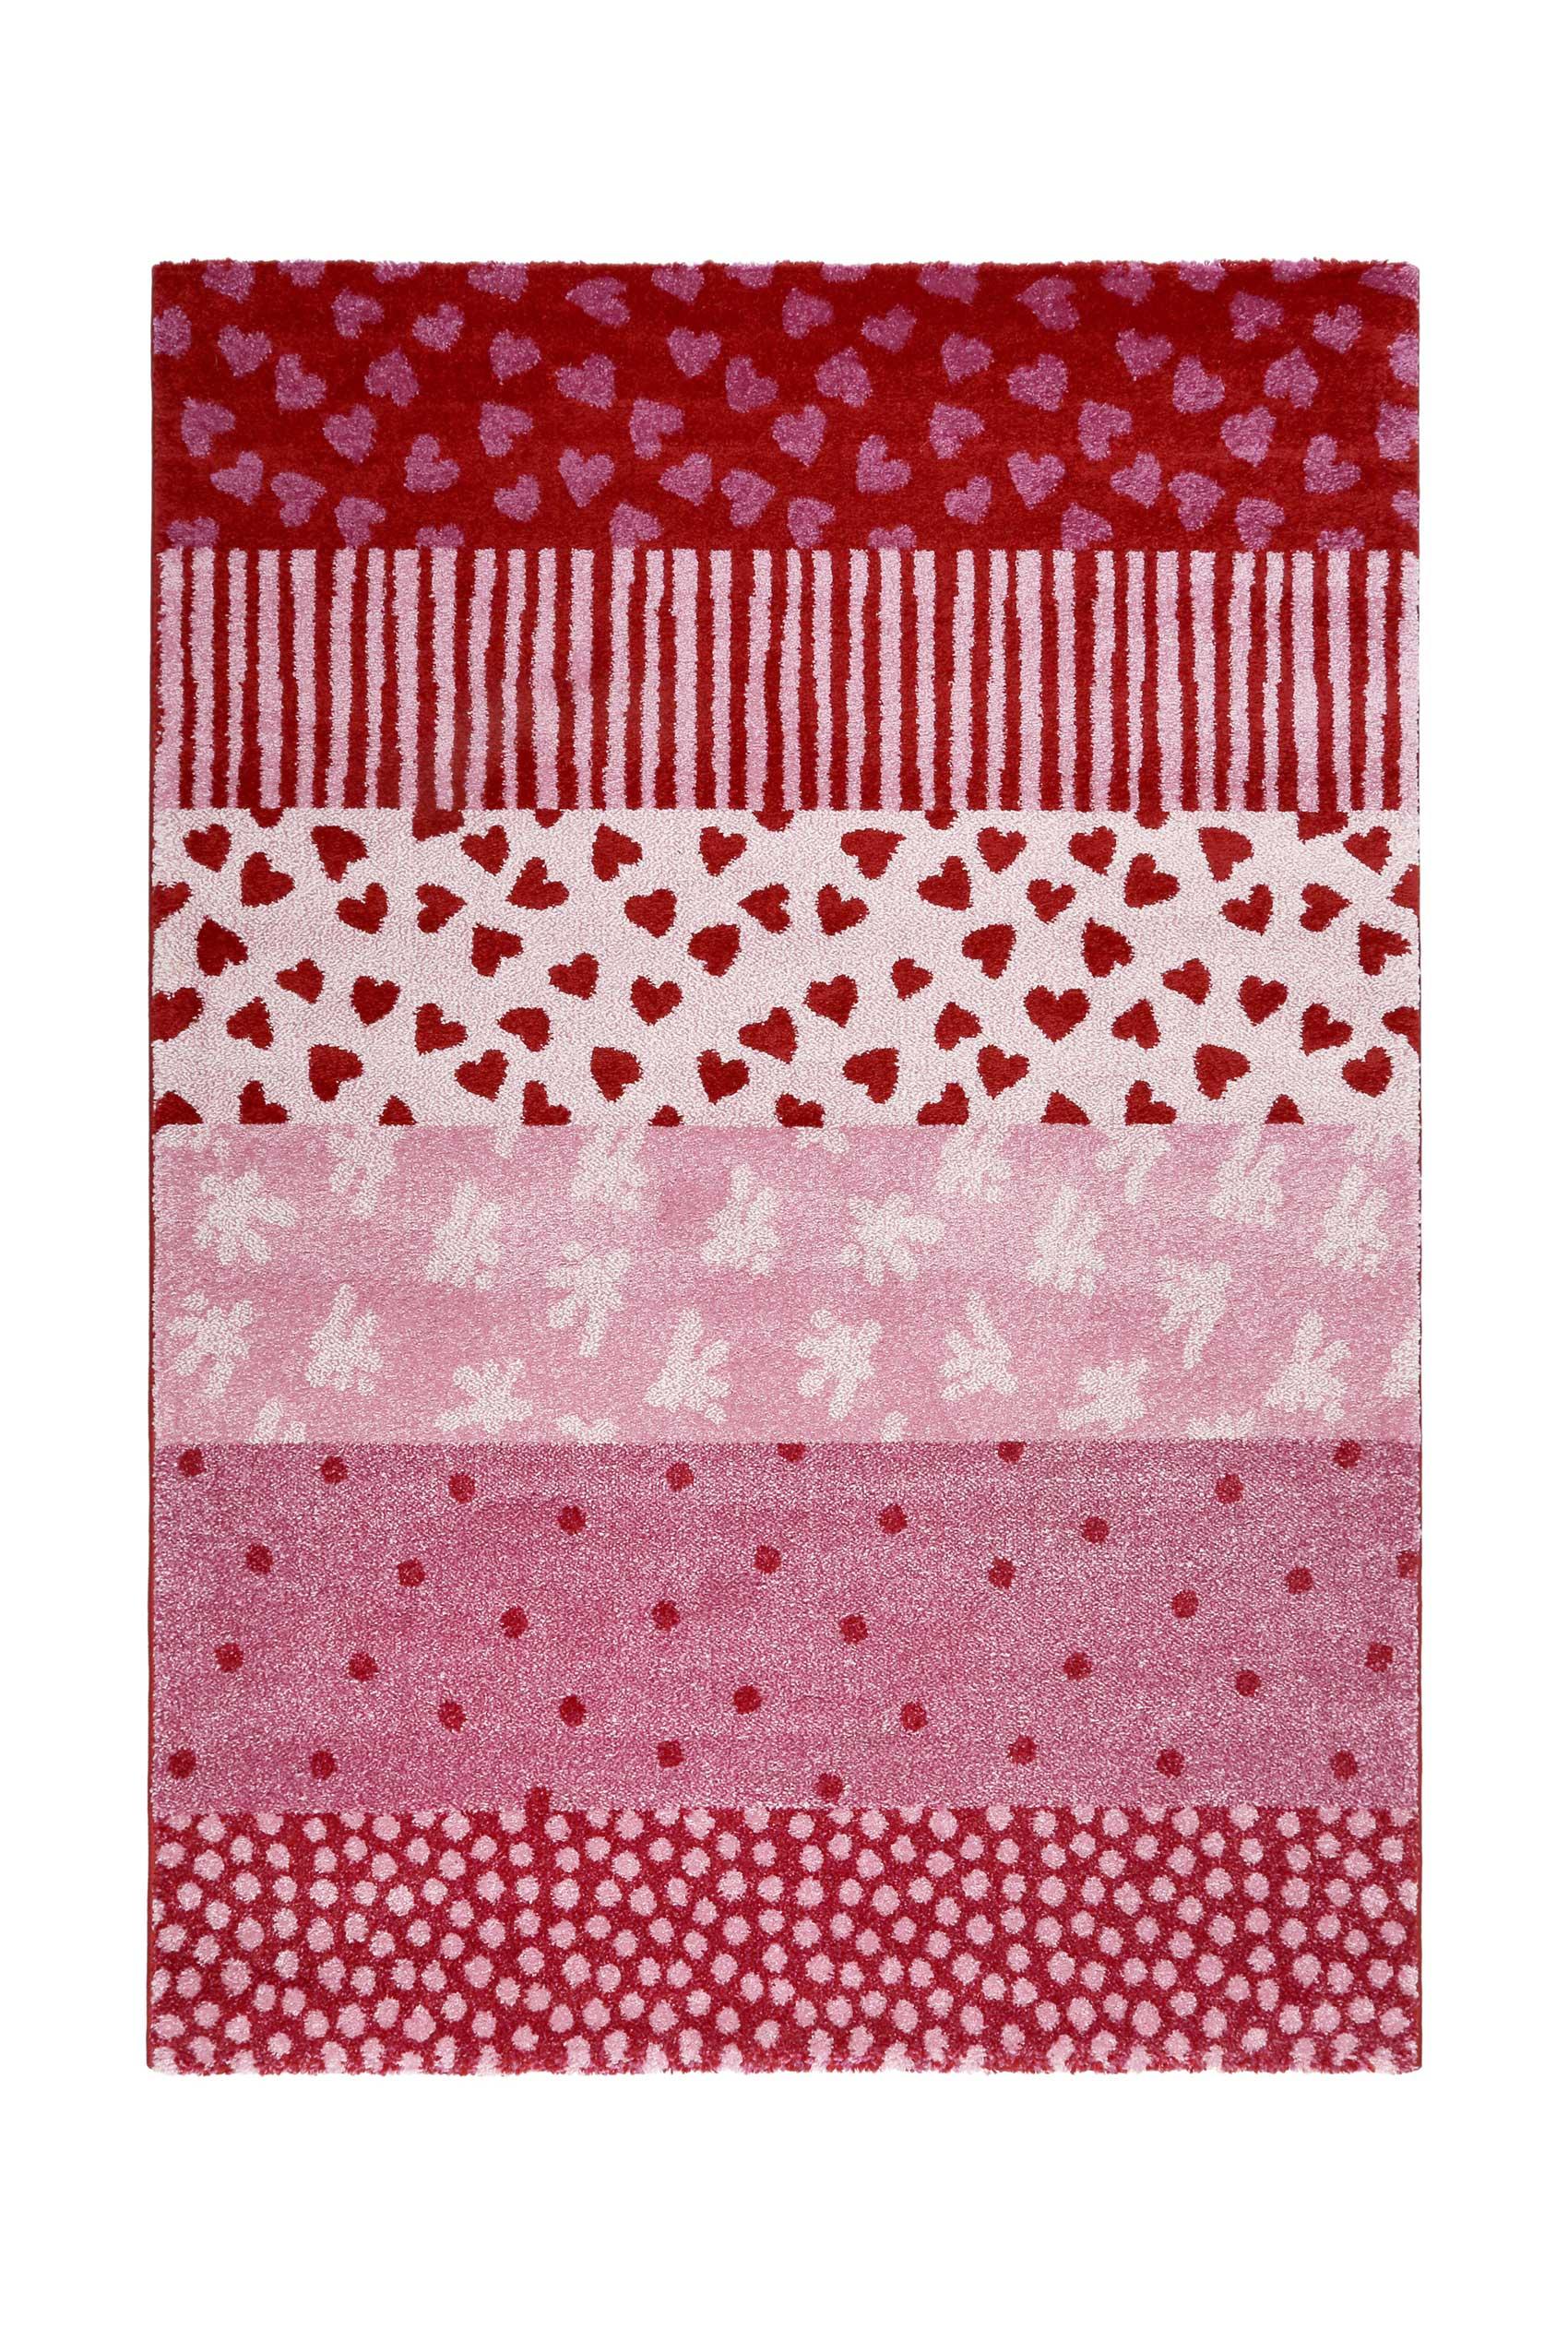 Tapis enfant motifs cœurs et pois alternés rose rouge 133x200